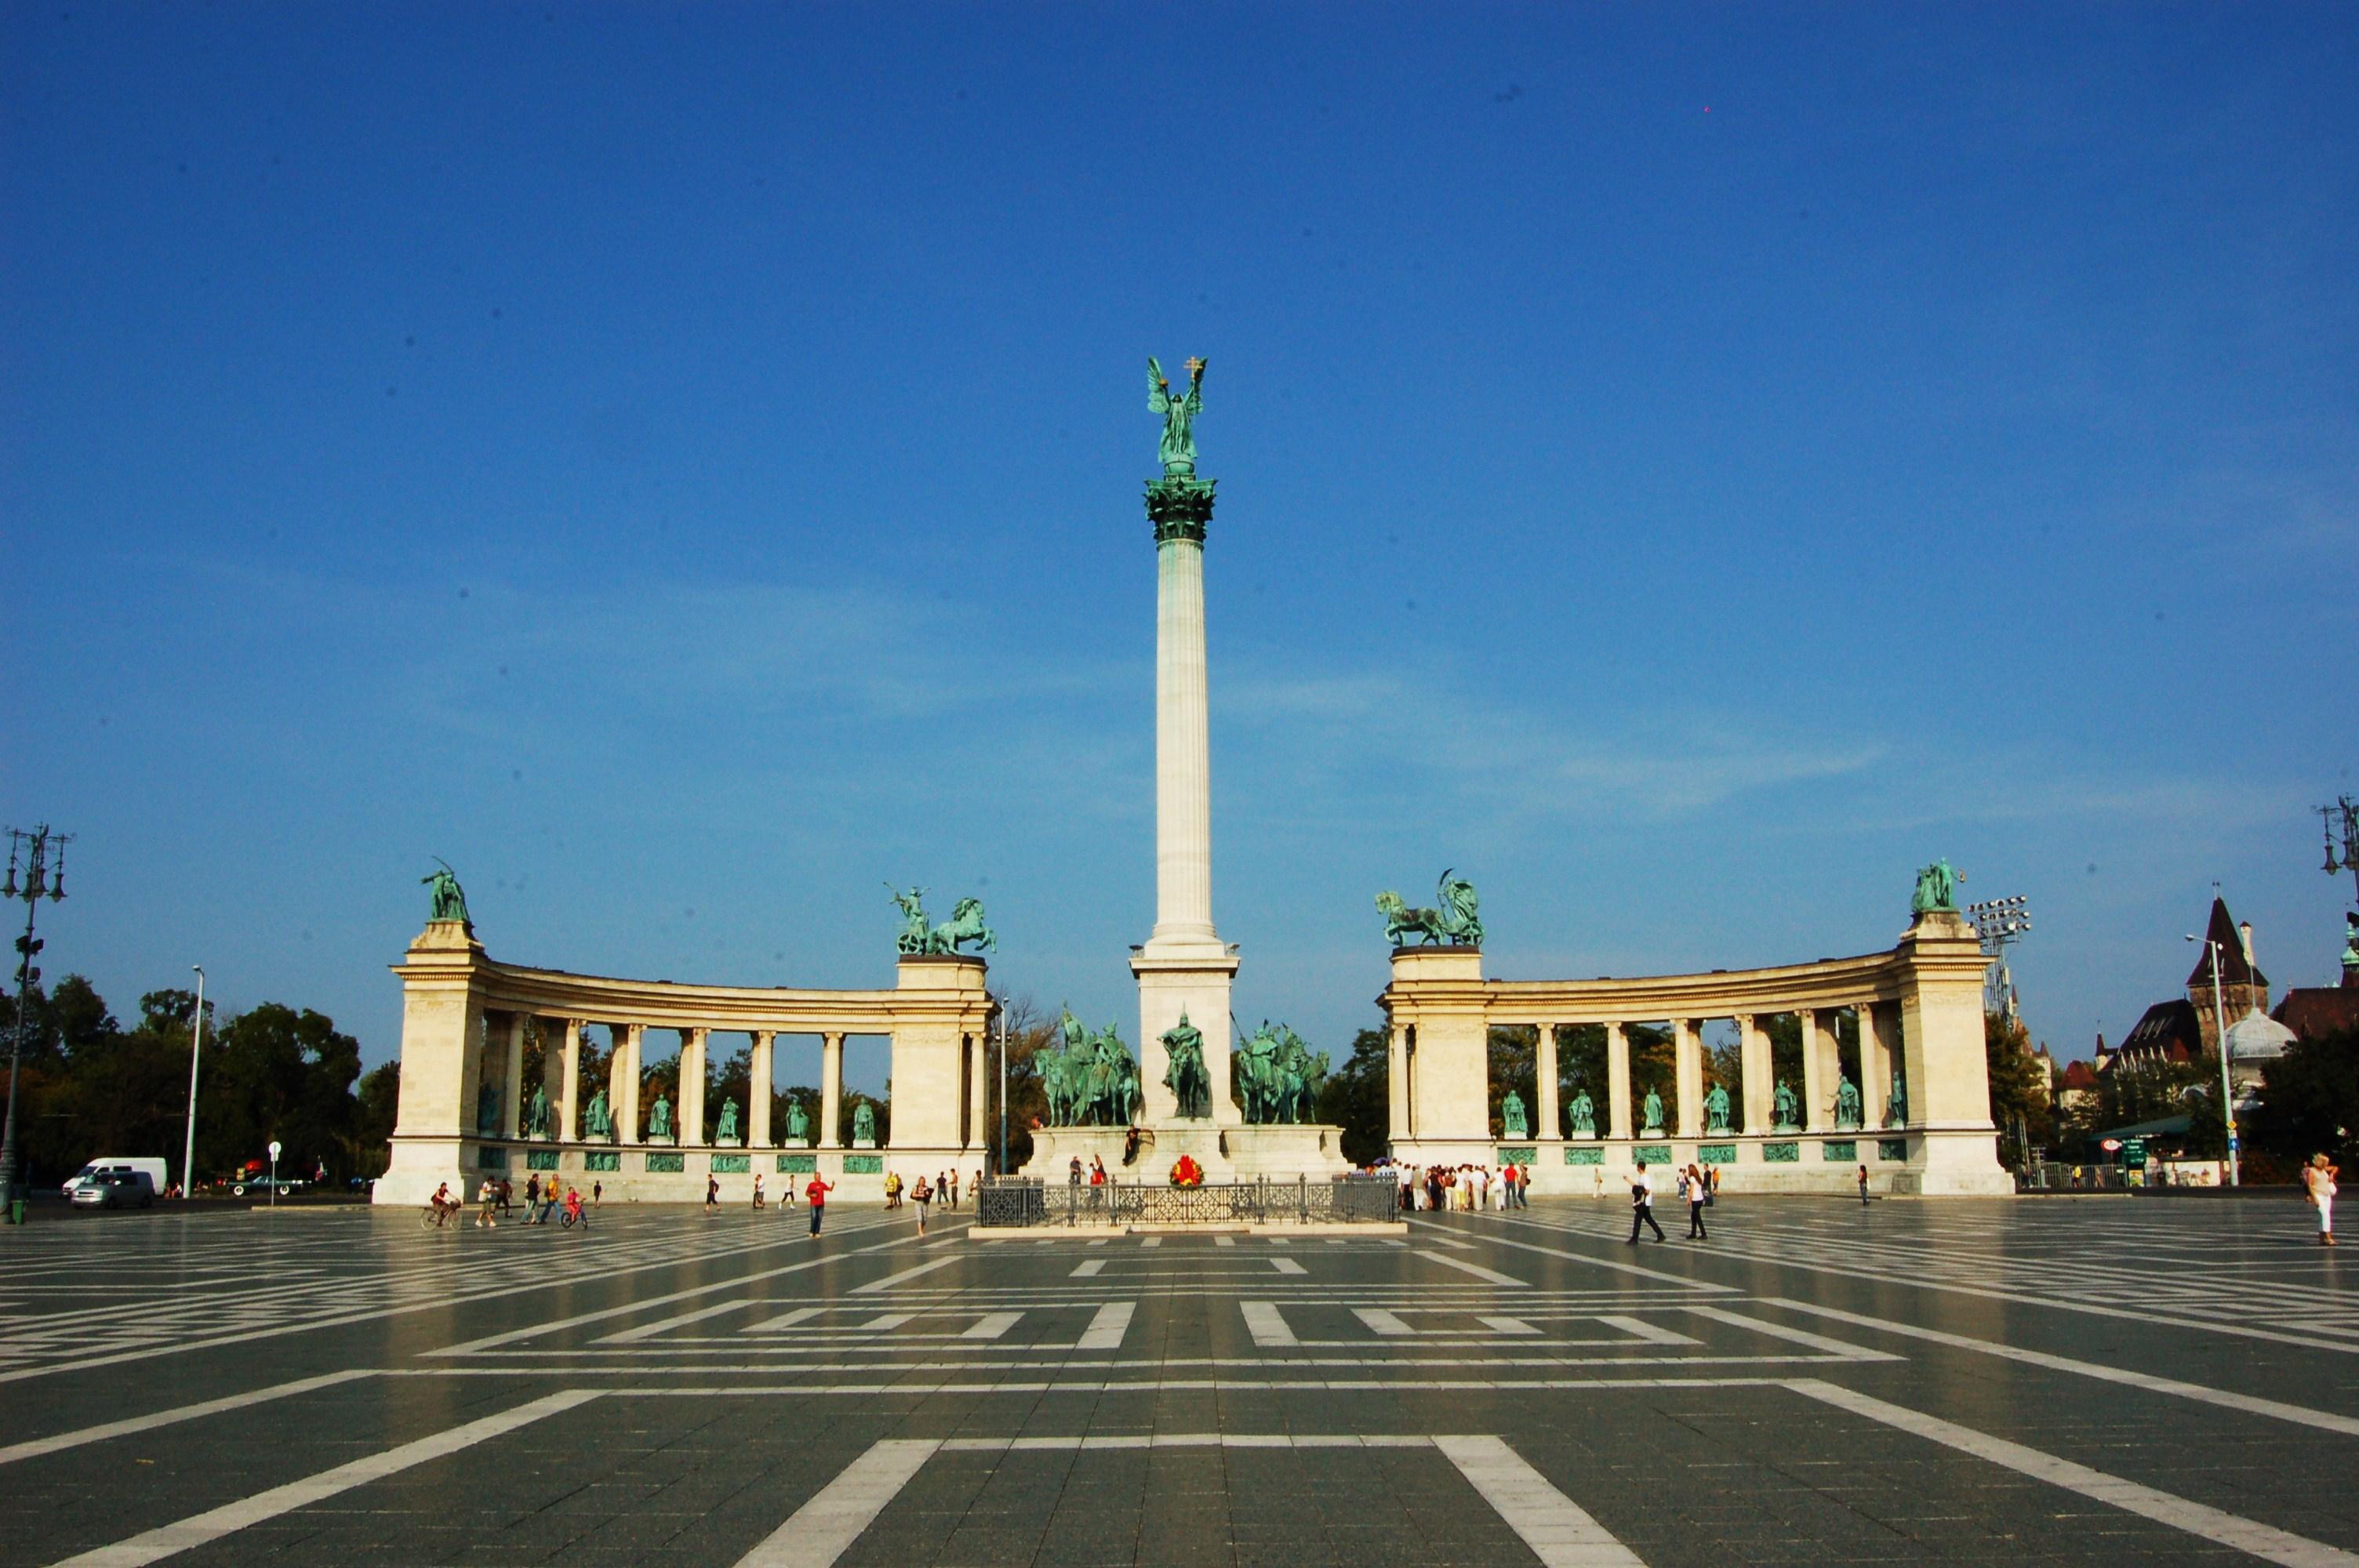 http://marinettedesign.do.am/Budapest/bpkepek/Heroes_Square_Budapest.jpg